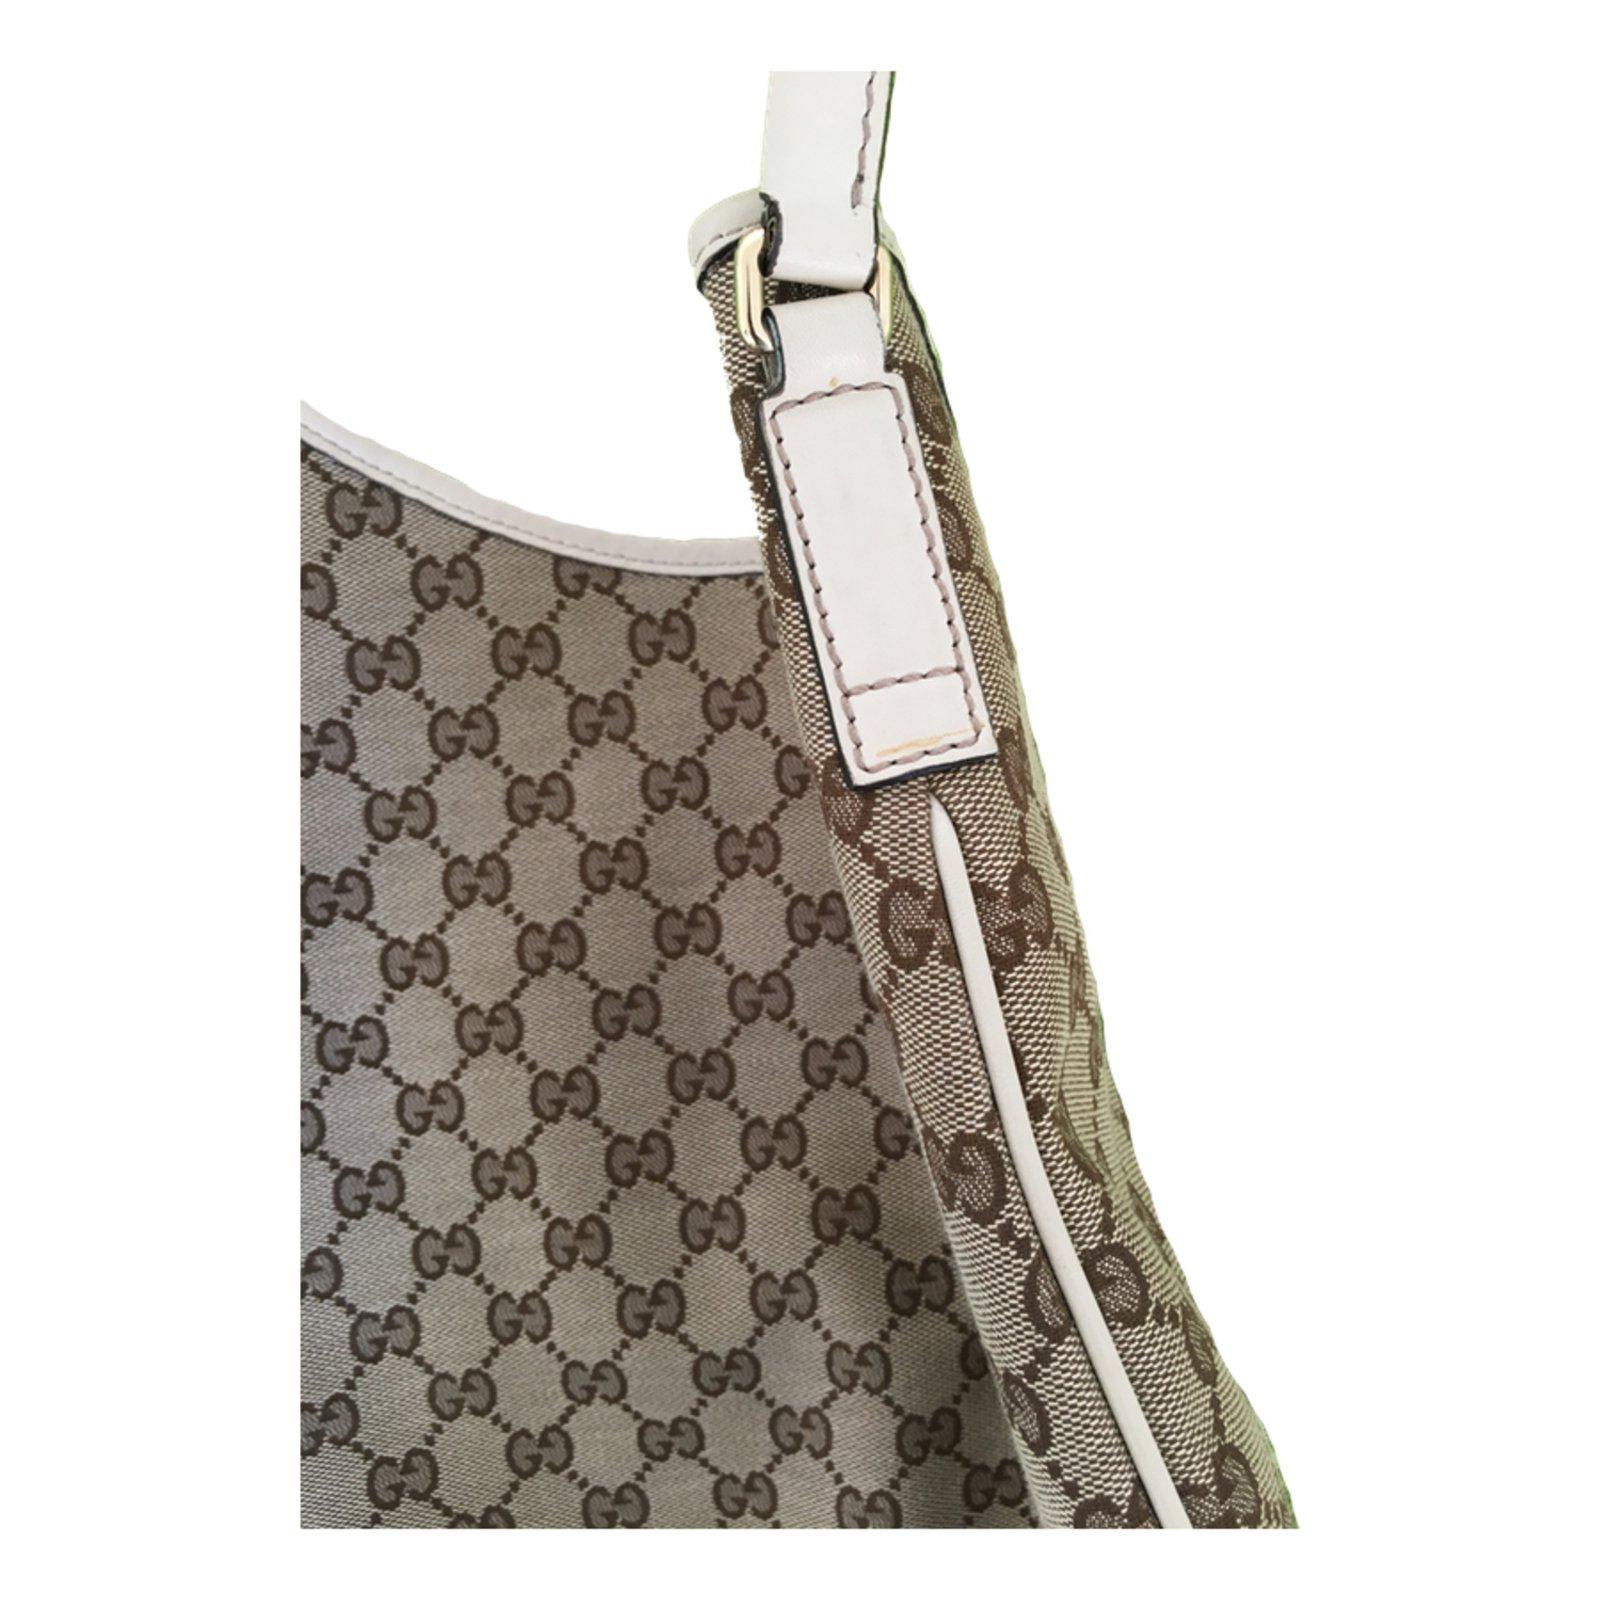 7a8483c29b44 Gucci GUCCI New Britt Hobo Bag Handbags Cloth Beige ref.43931 - Joli Closet